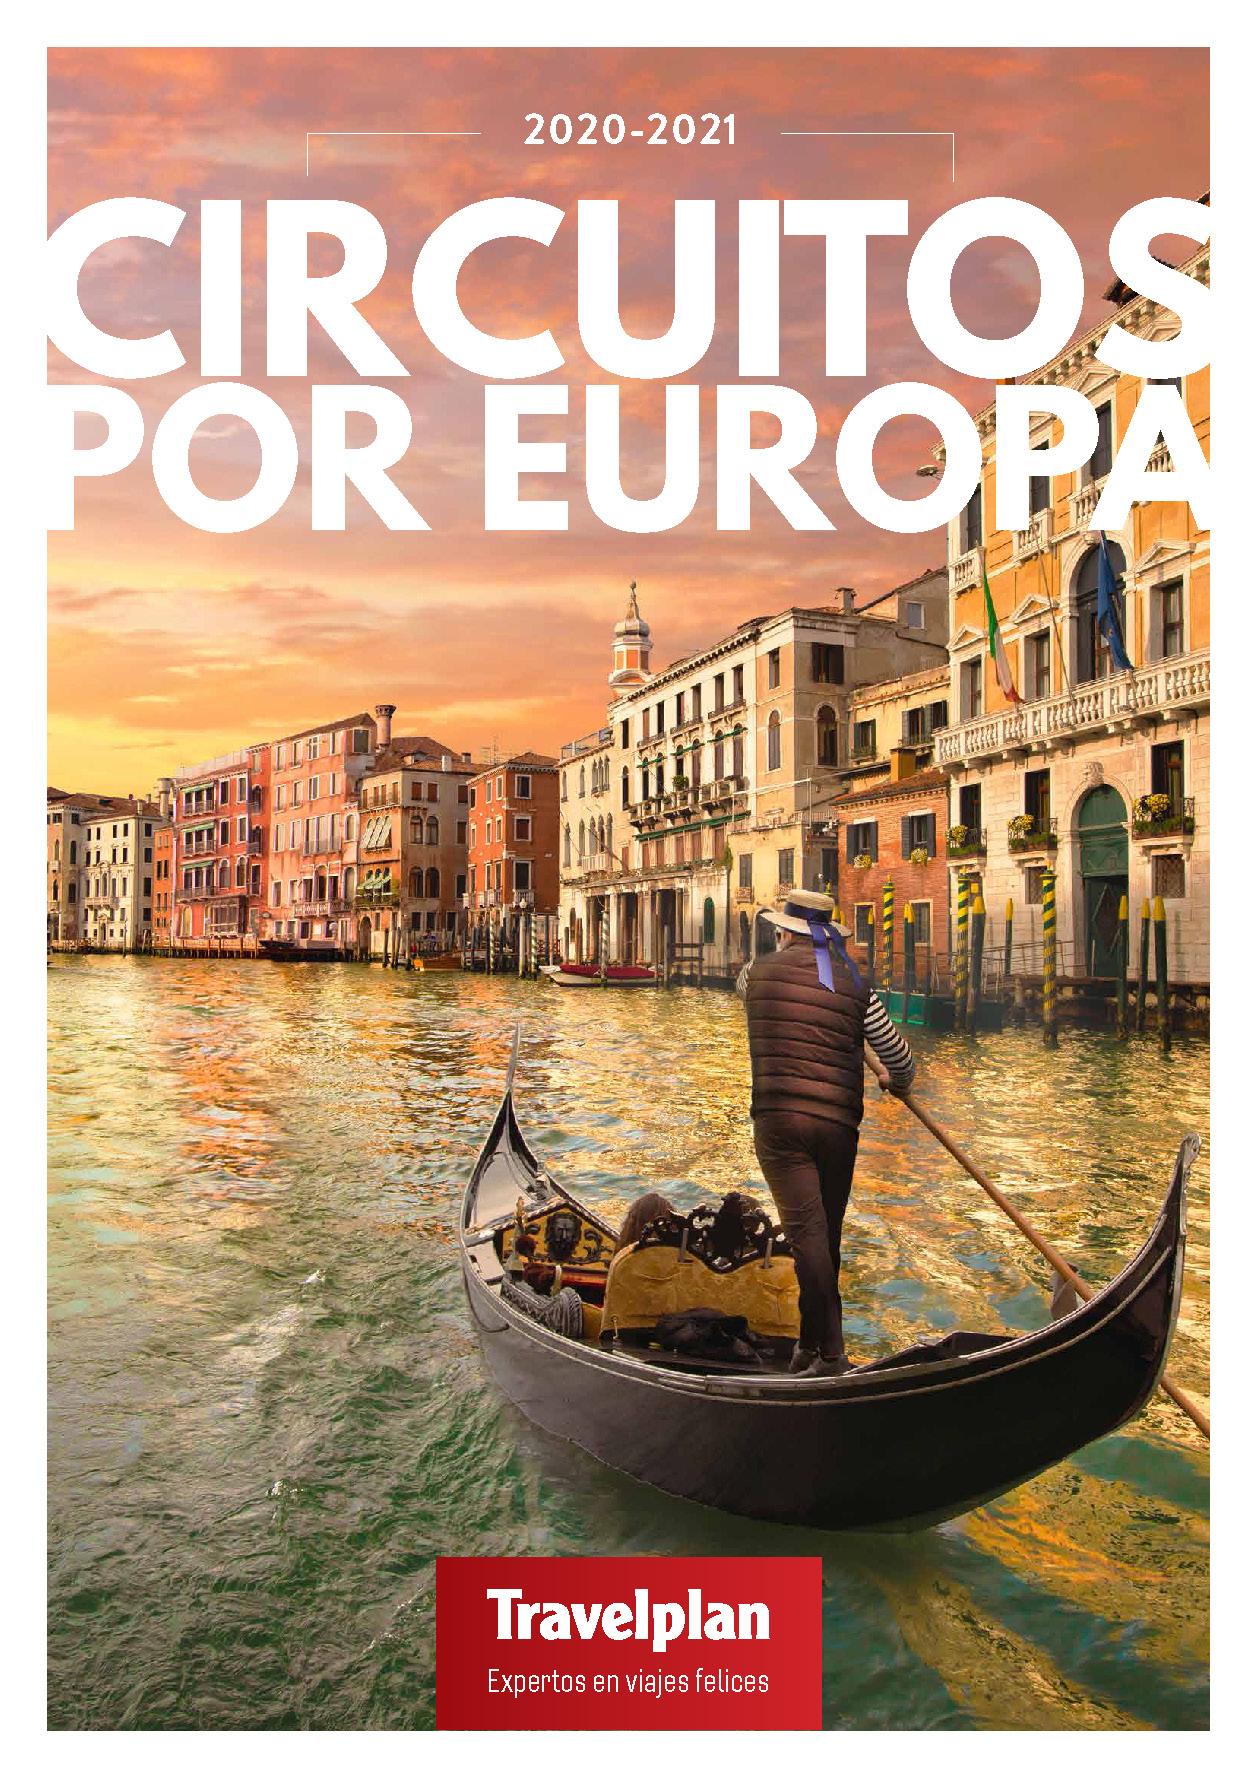 Catalogo Travelplan Circuitos Europa 2020-2021